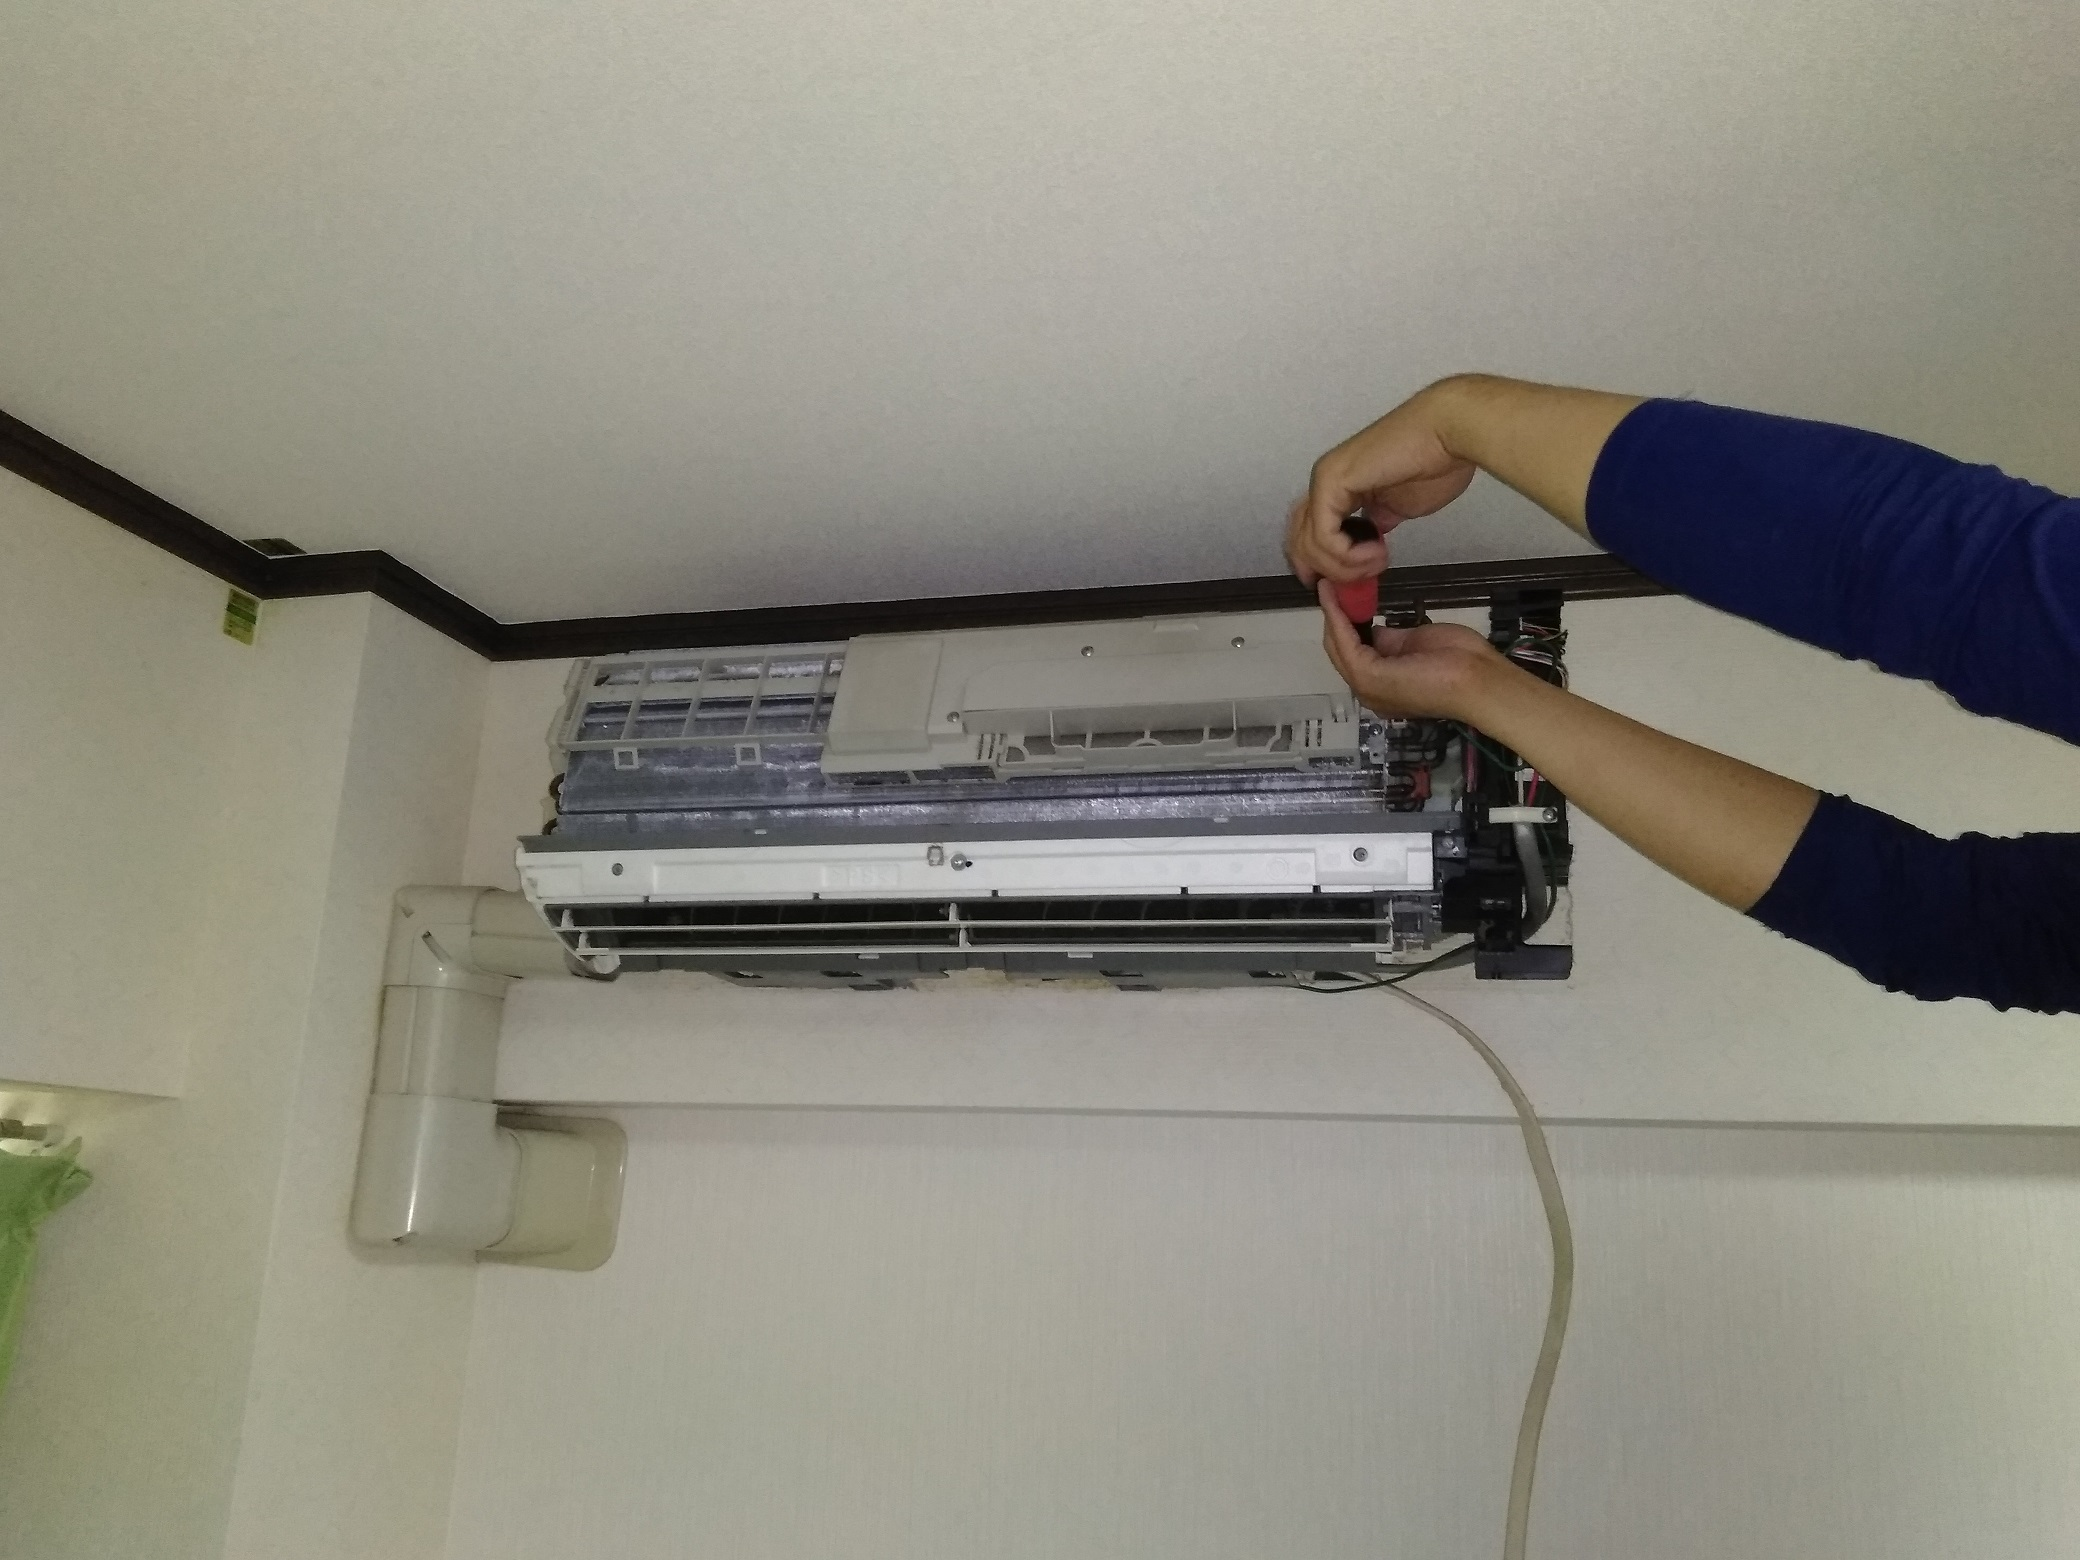 エアコン(家庭用壁掛けタイプ)クリーニング